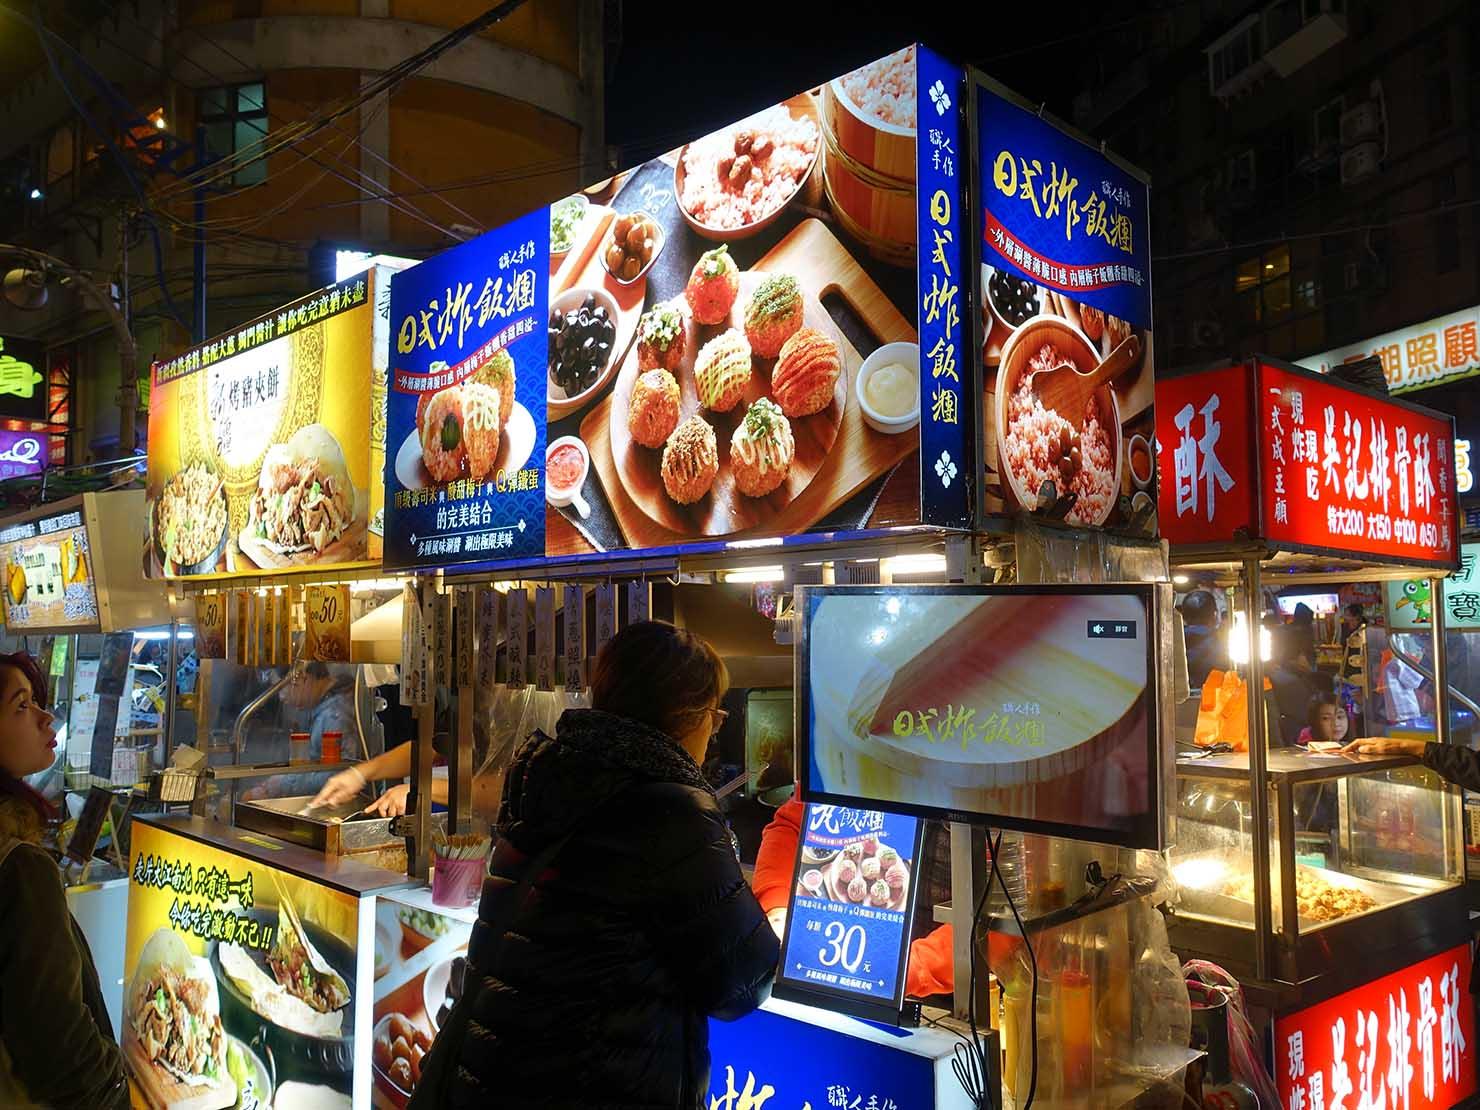 台湾の夜市で食べられる日本グルメ「炸飯糰(揚げおにぎり)」の屋台